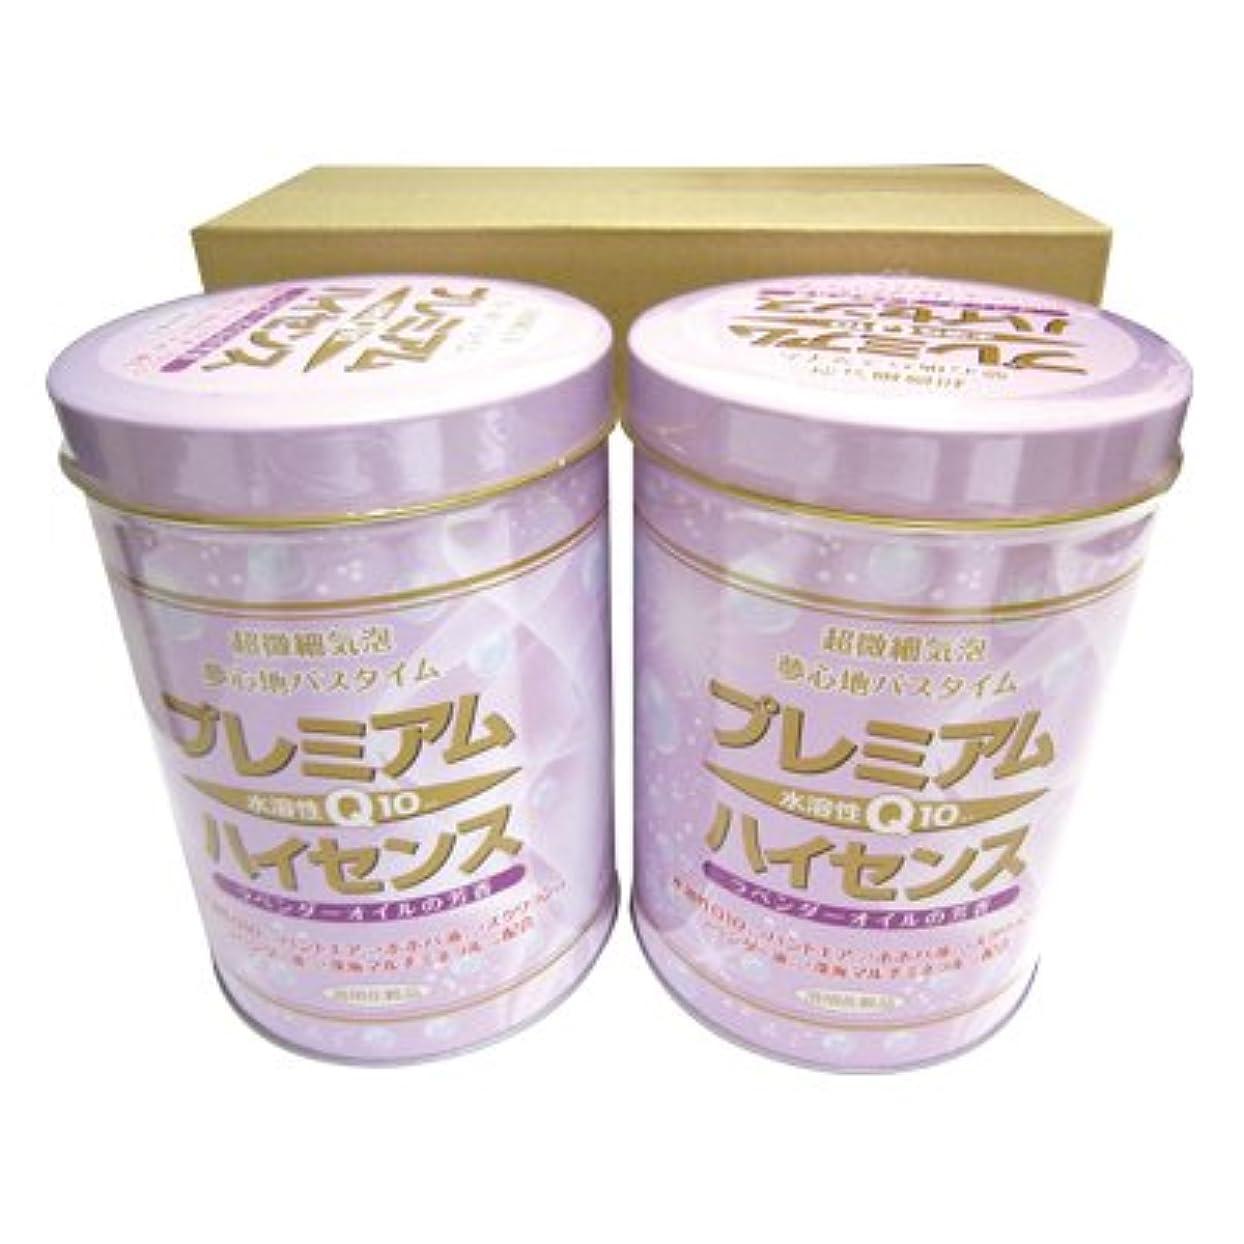 結果開始れんが【高陽社】浴用化粧品 プレミアムハイセンス 2缶セット